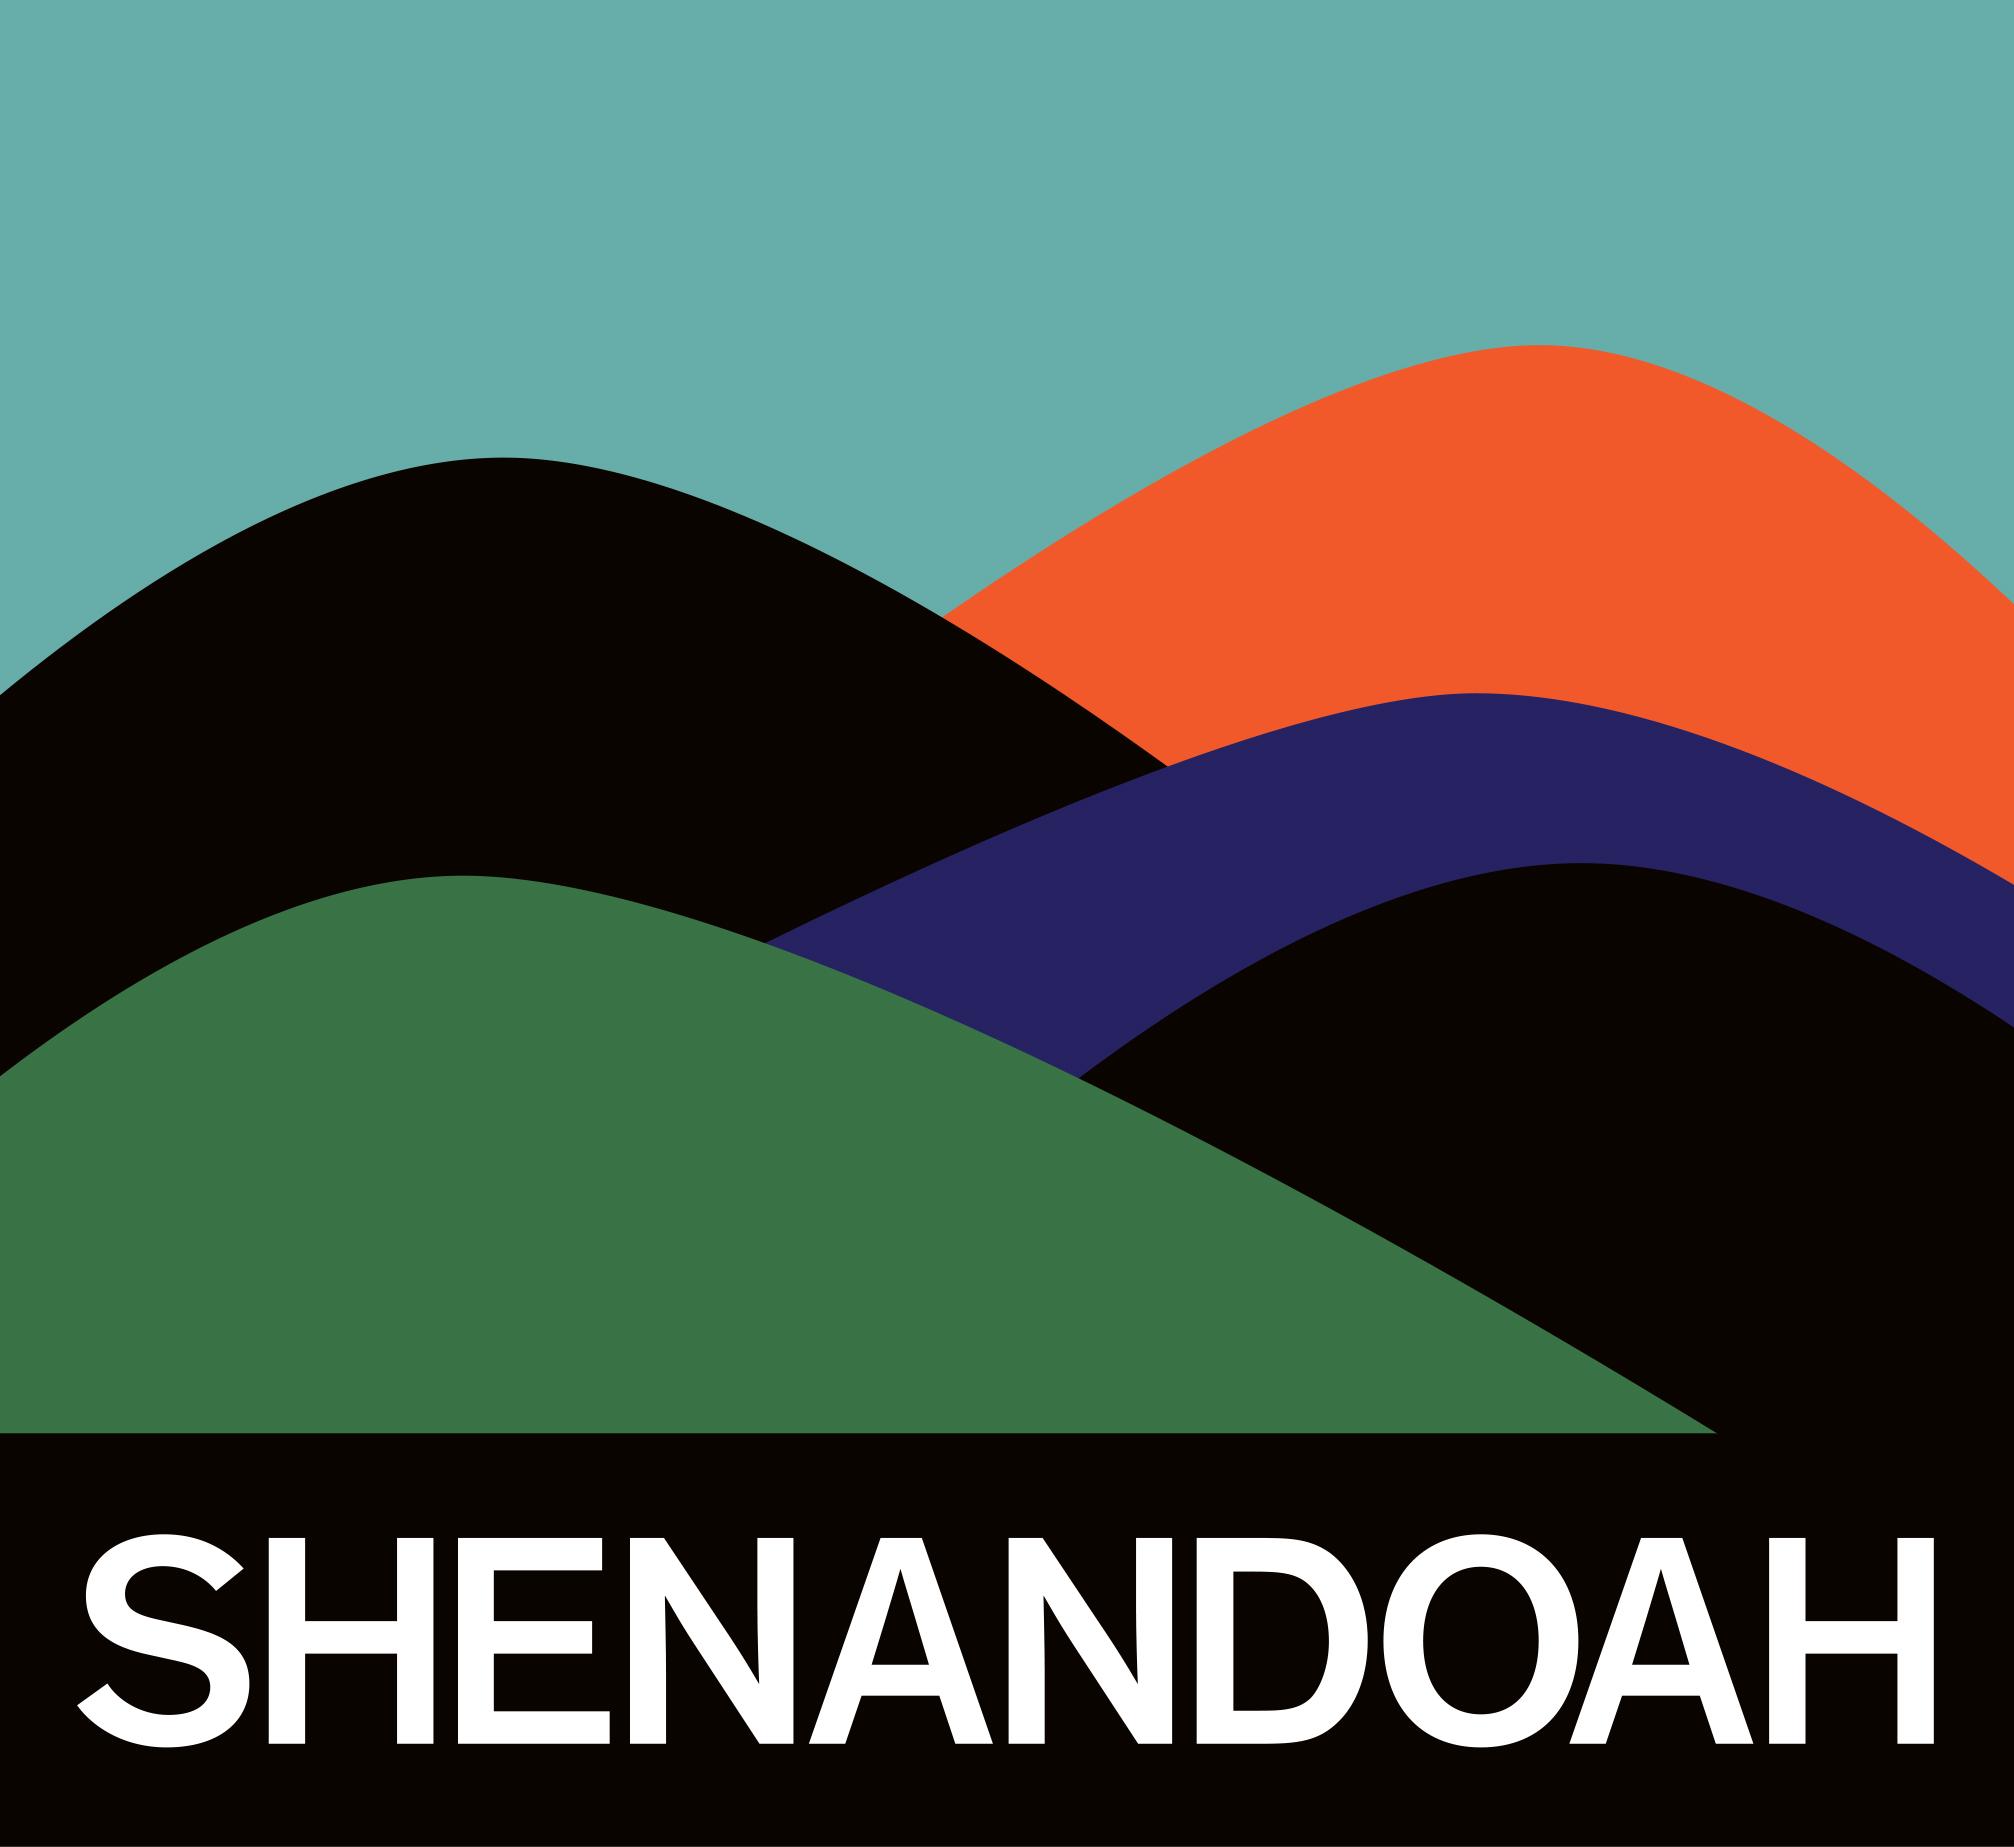 Shenandoah-logo-type-Montague.jpg